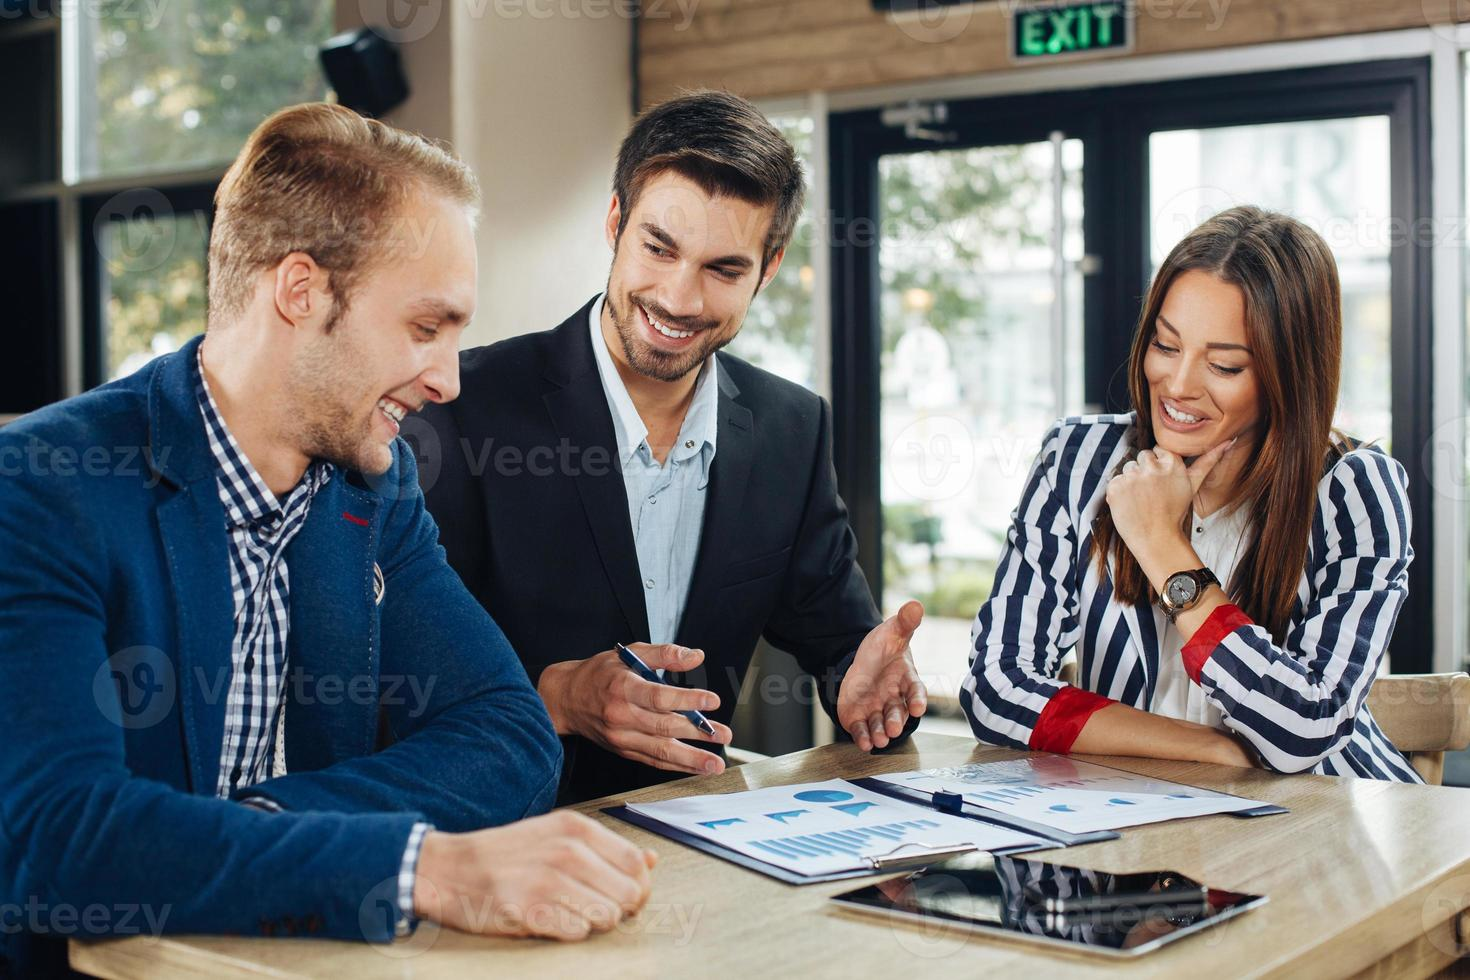 petit groupe de jeunes lors d'une réunion d'affaires photo